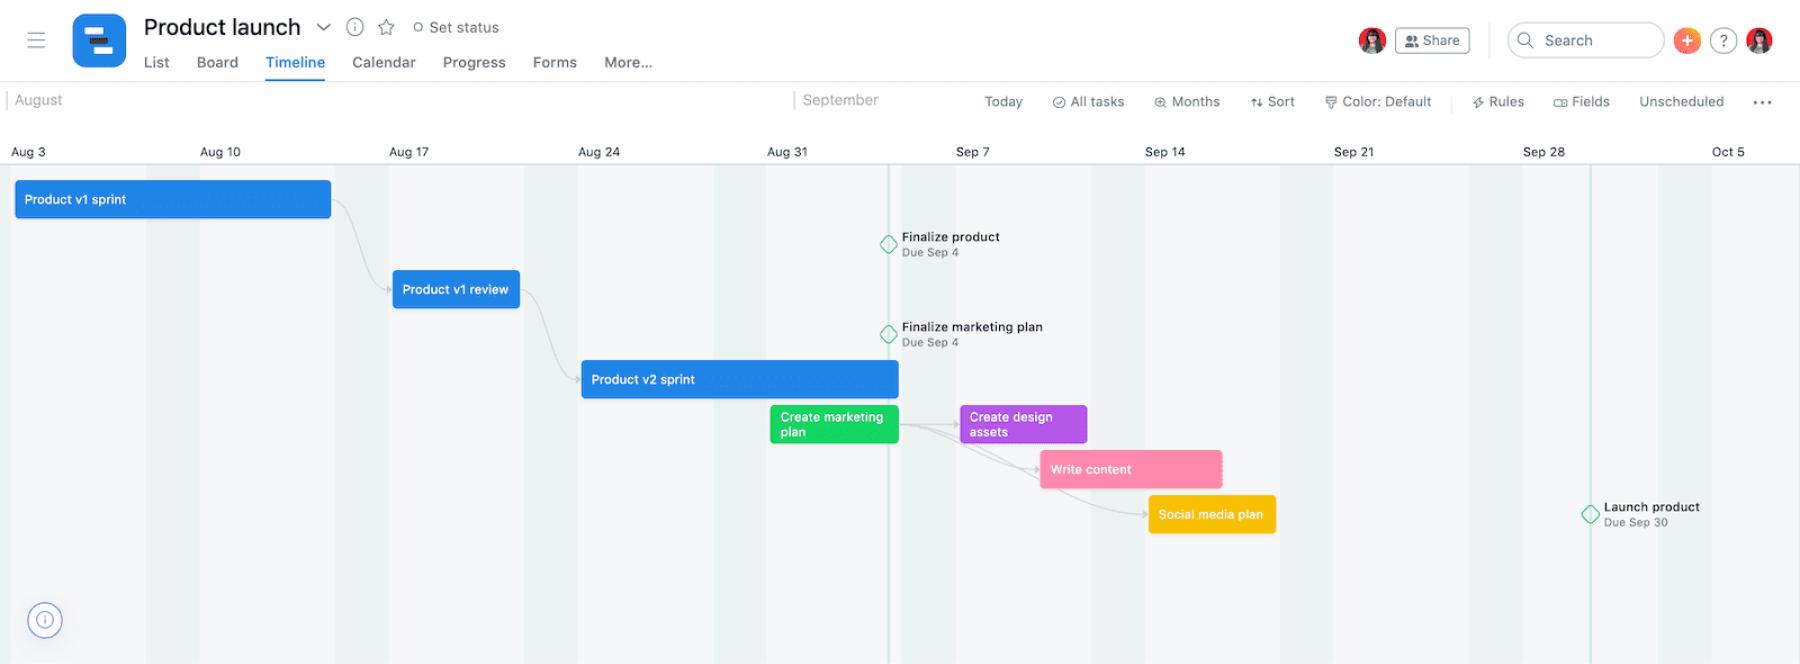 timelines in asana look like gantt charts.